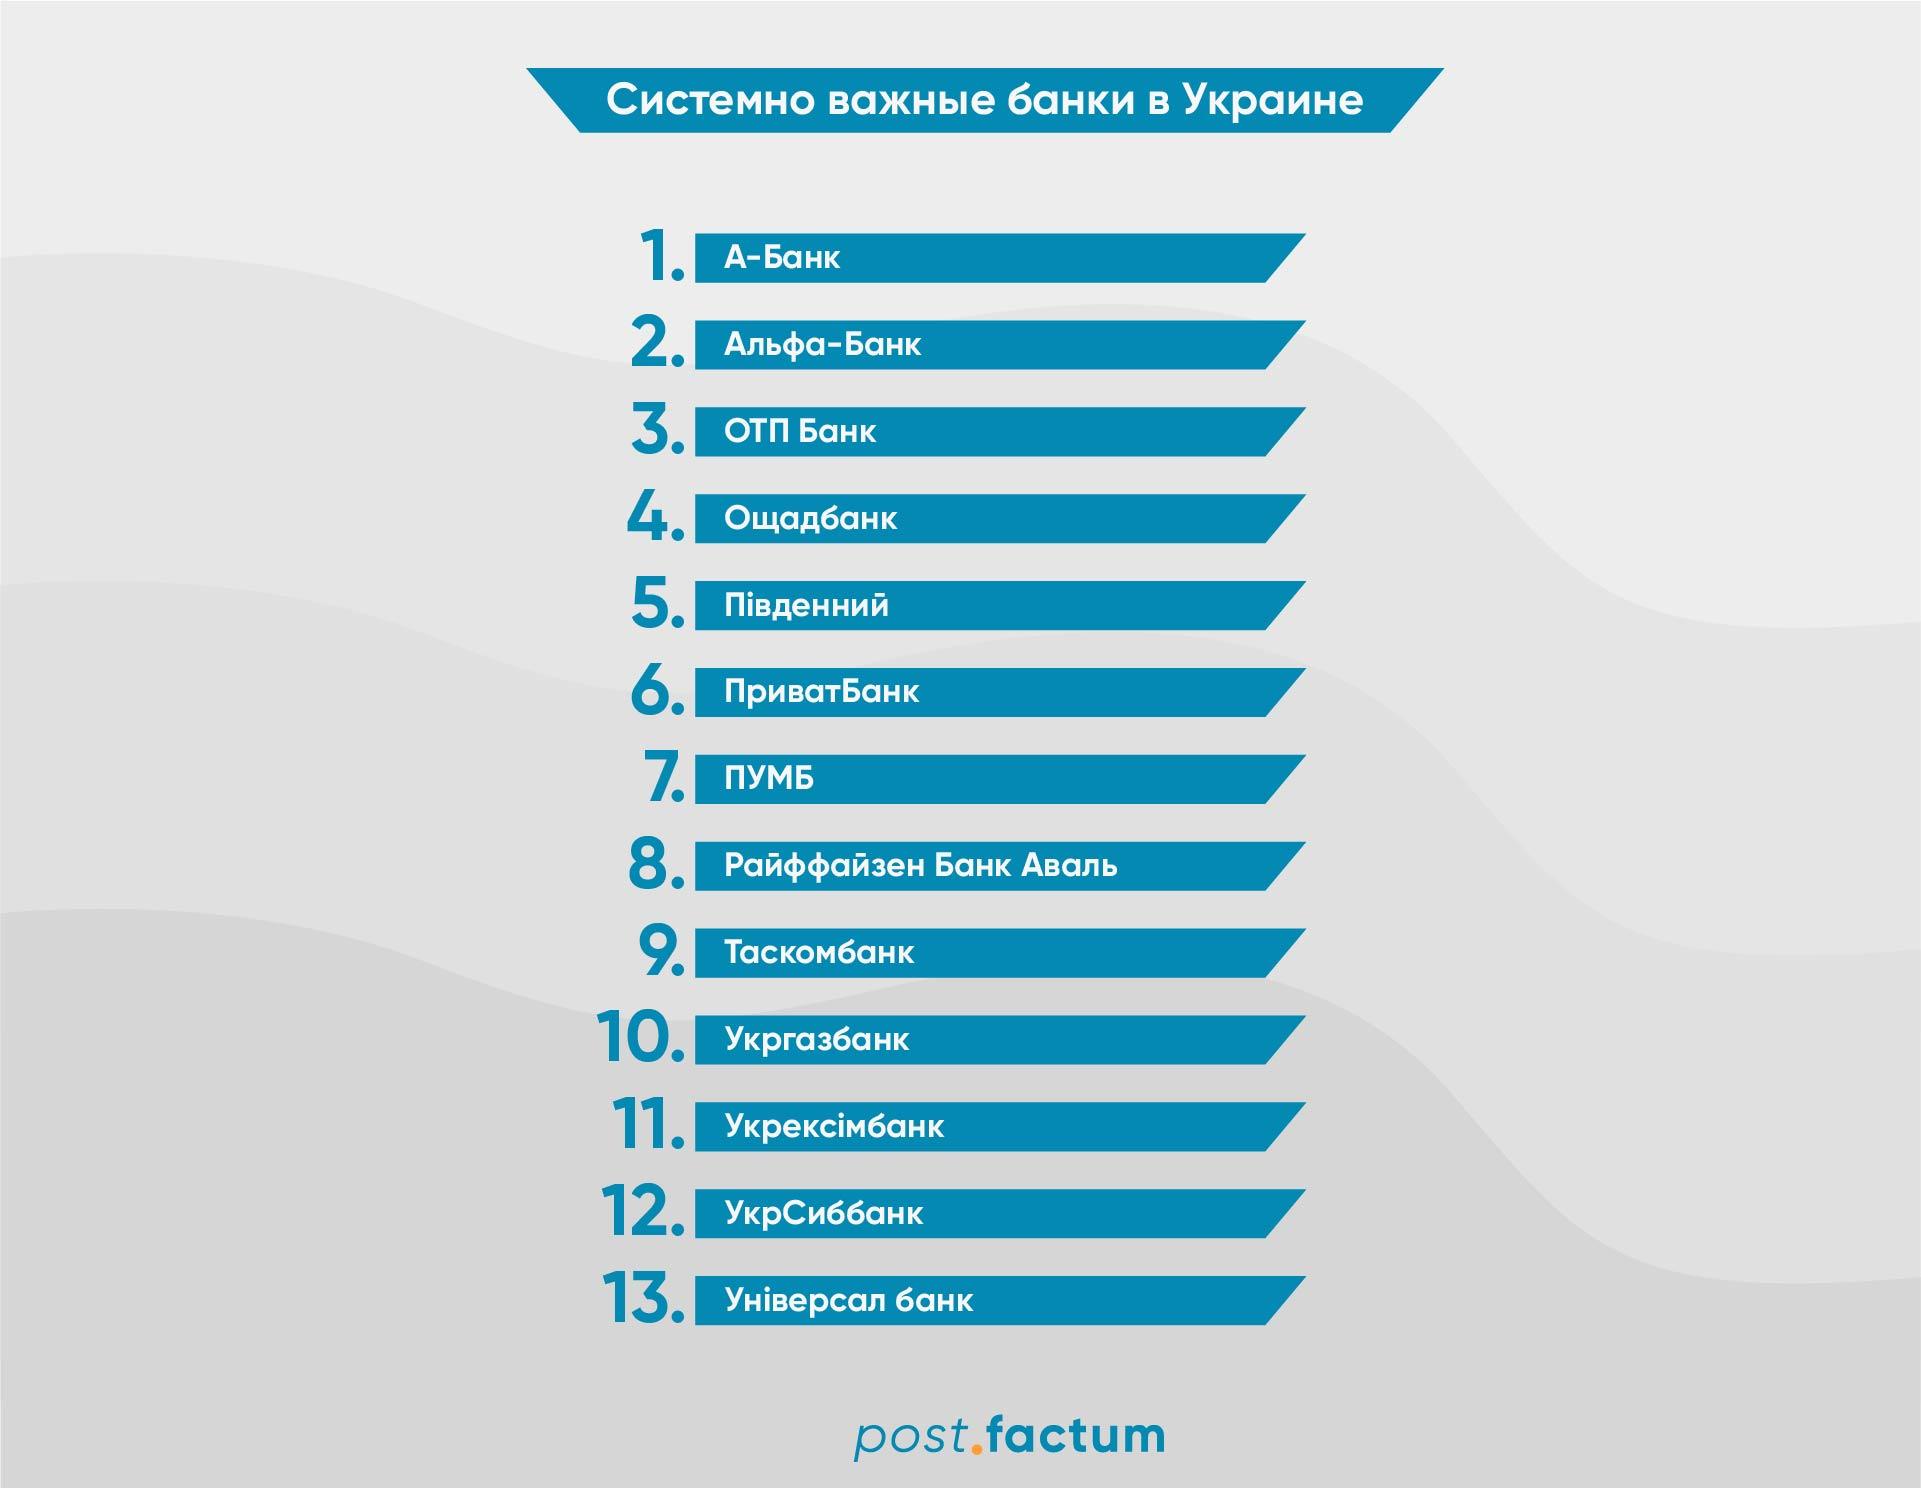 Системно важные банки: НБУ обновил список 2021 года — фото 2